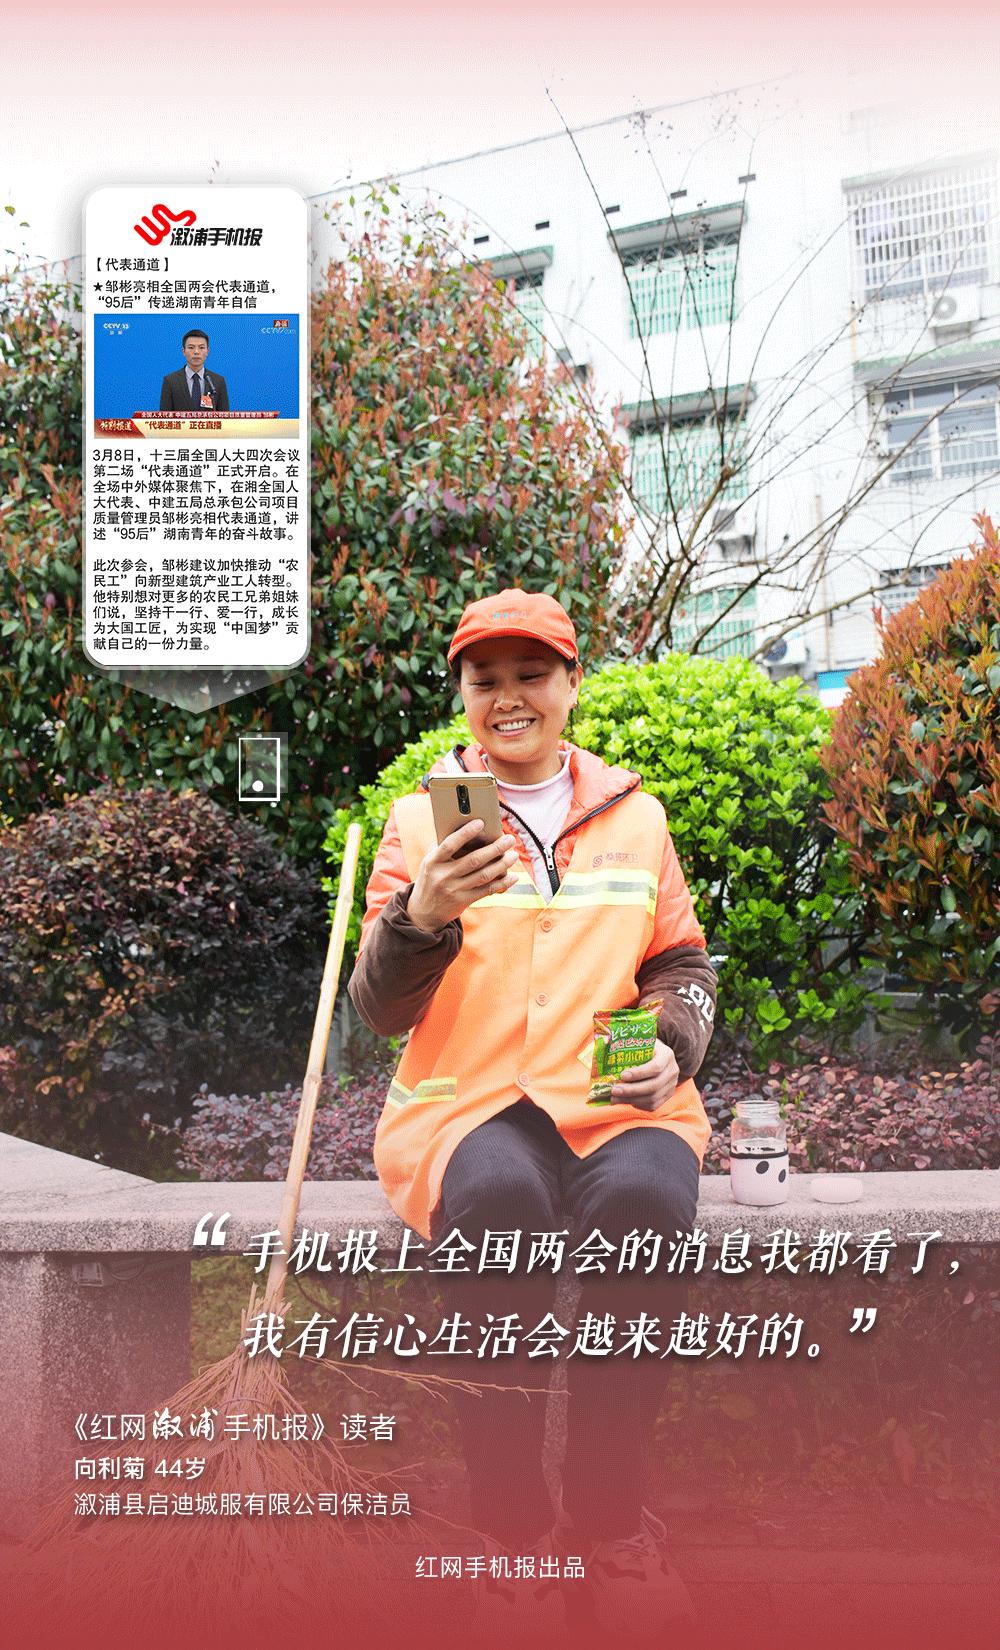 手机报读者海报溆浦.png